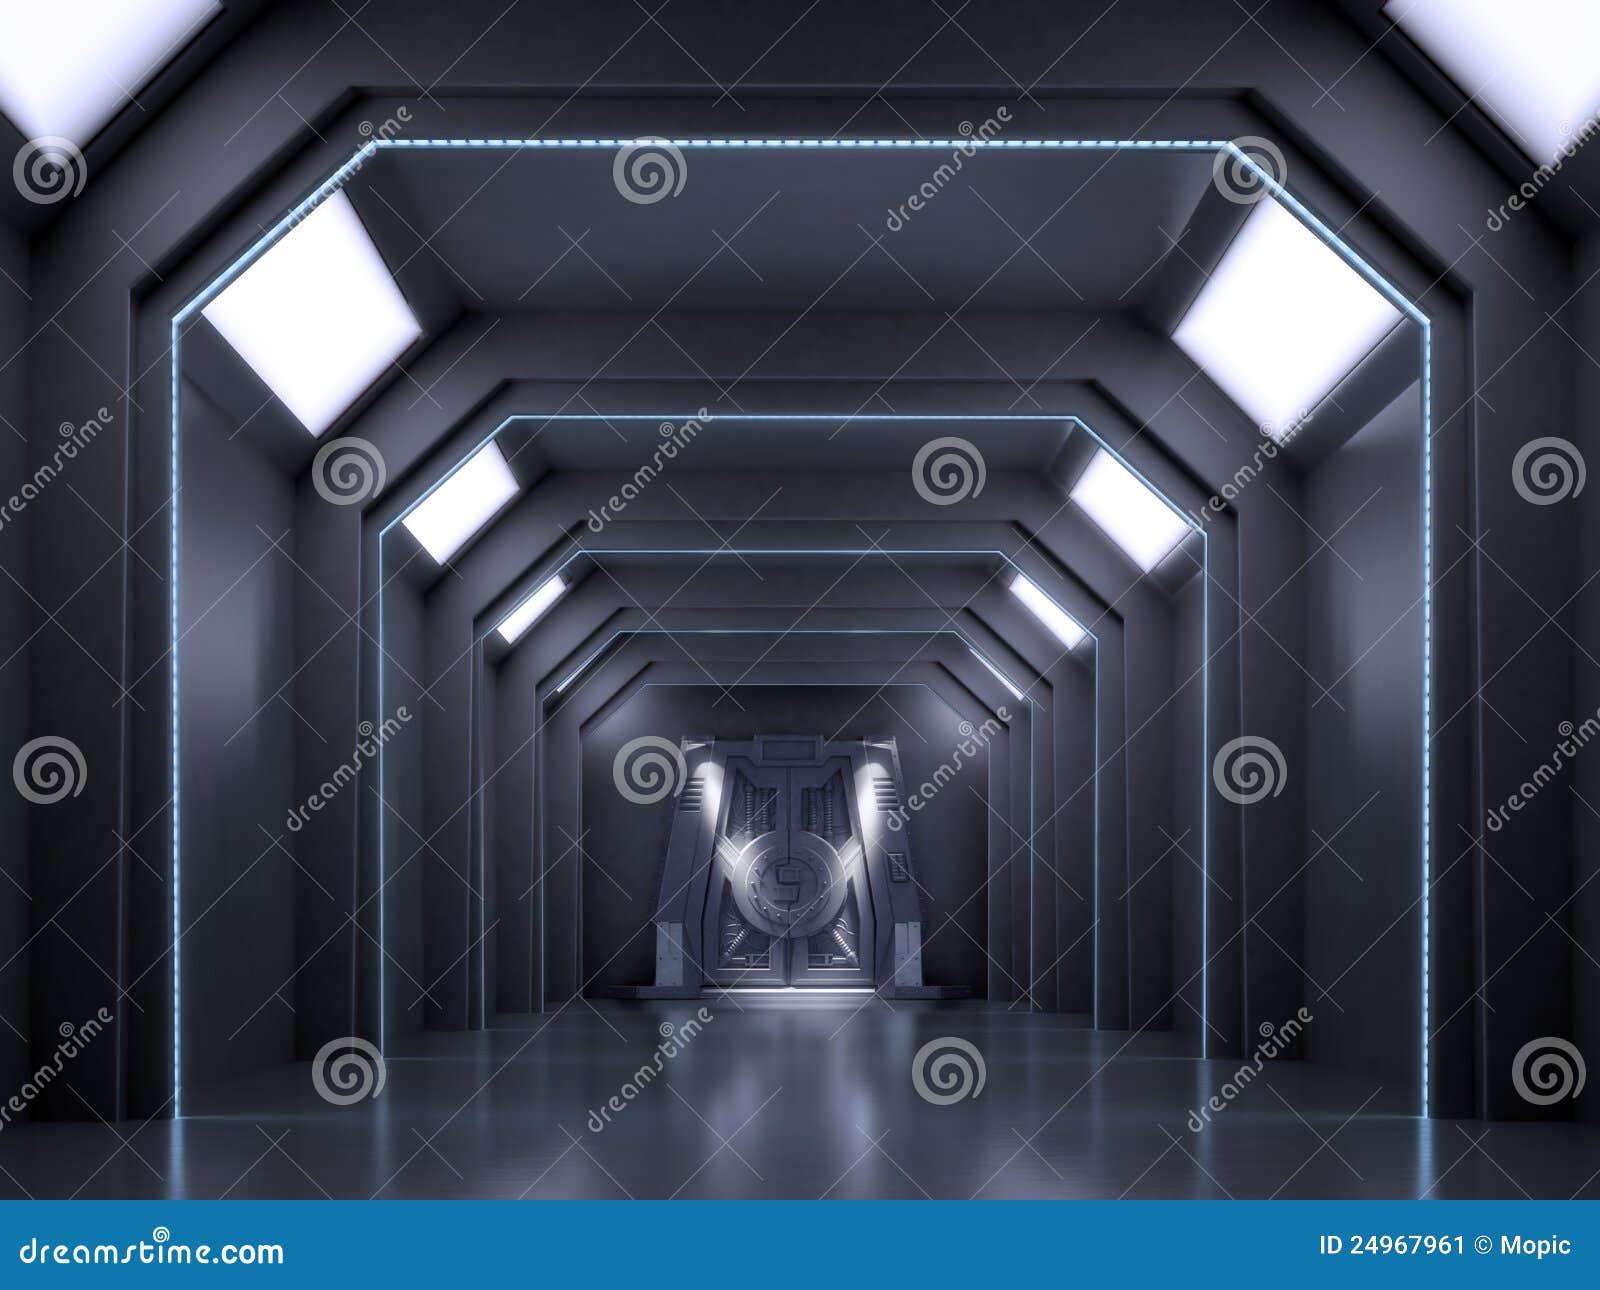 Science fiction interior scene sci fi dark corridor